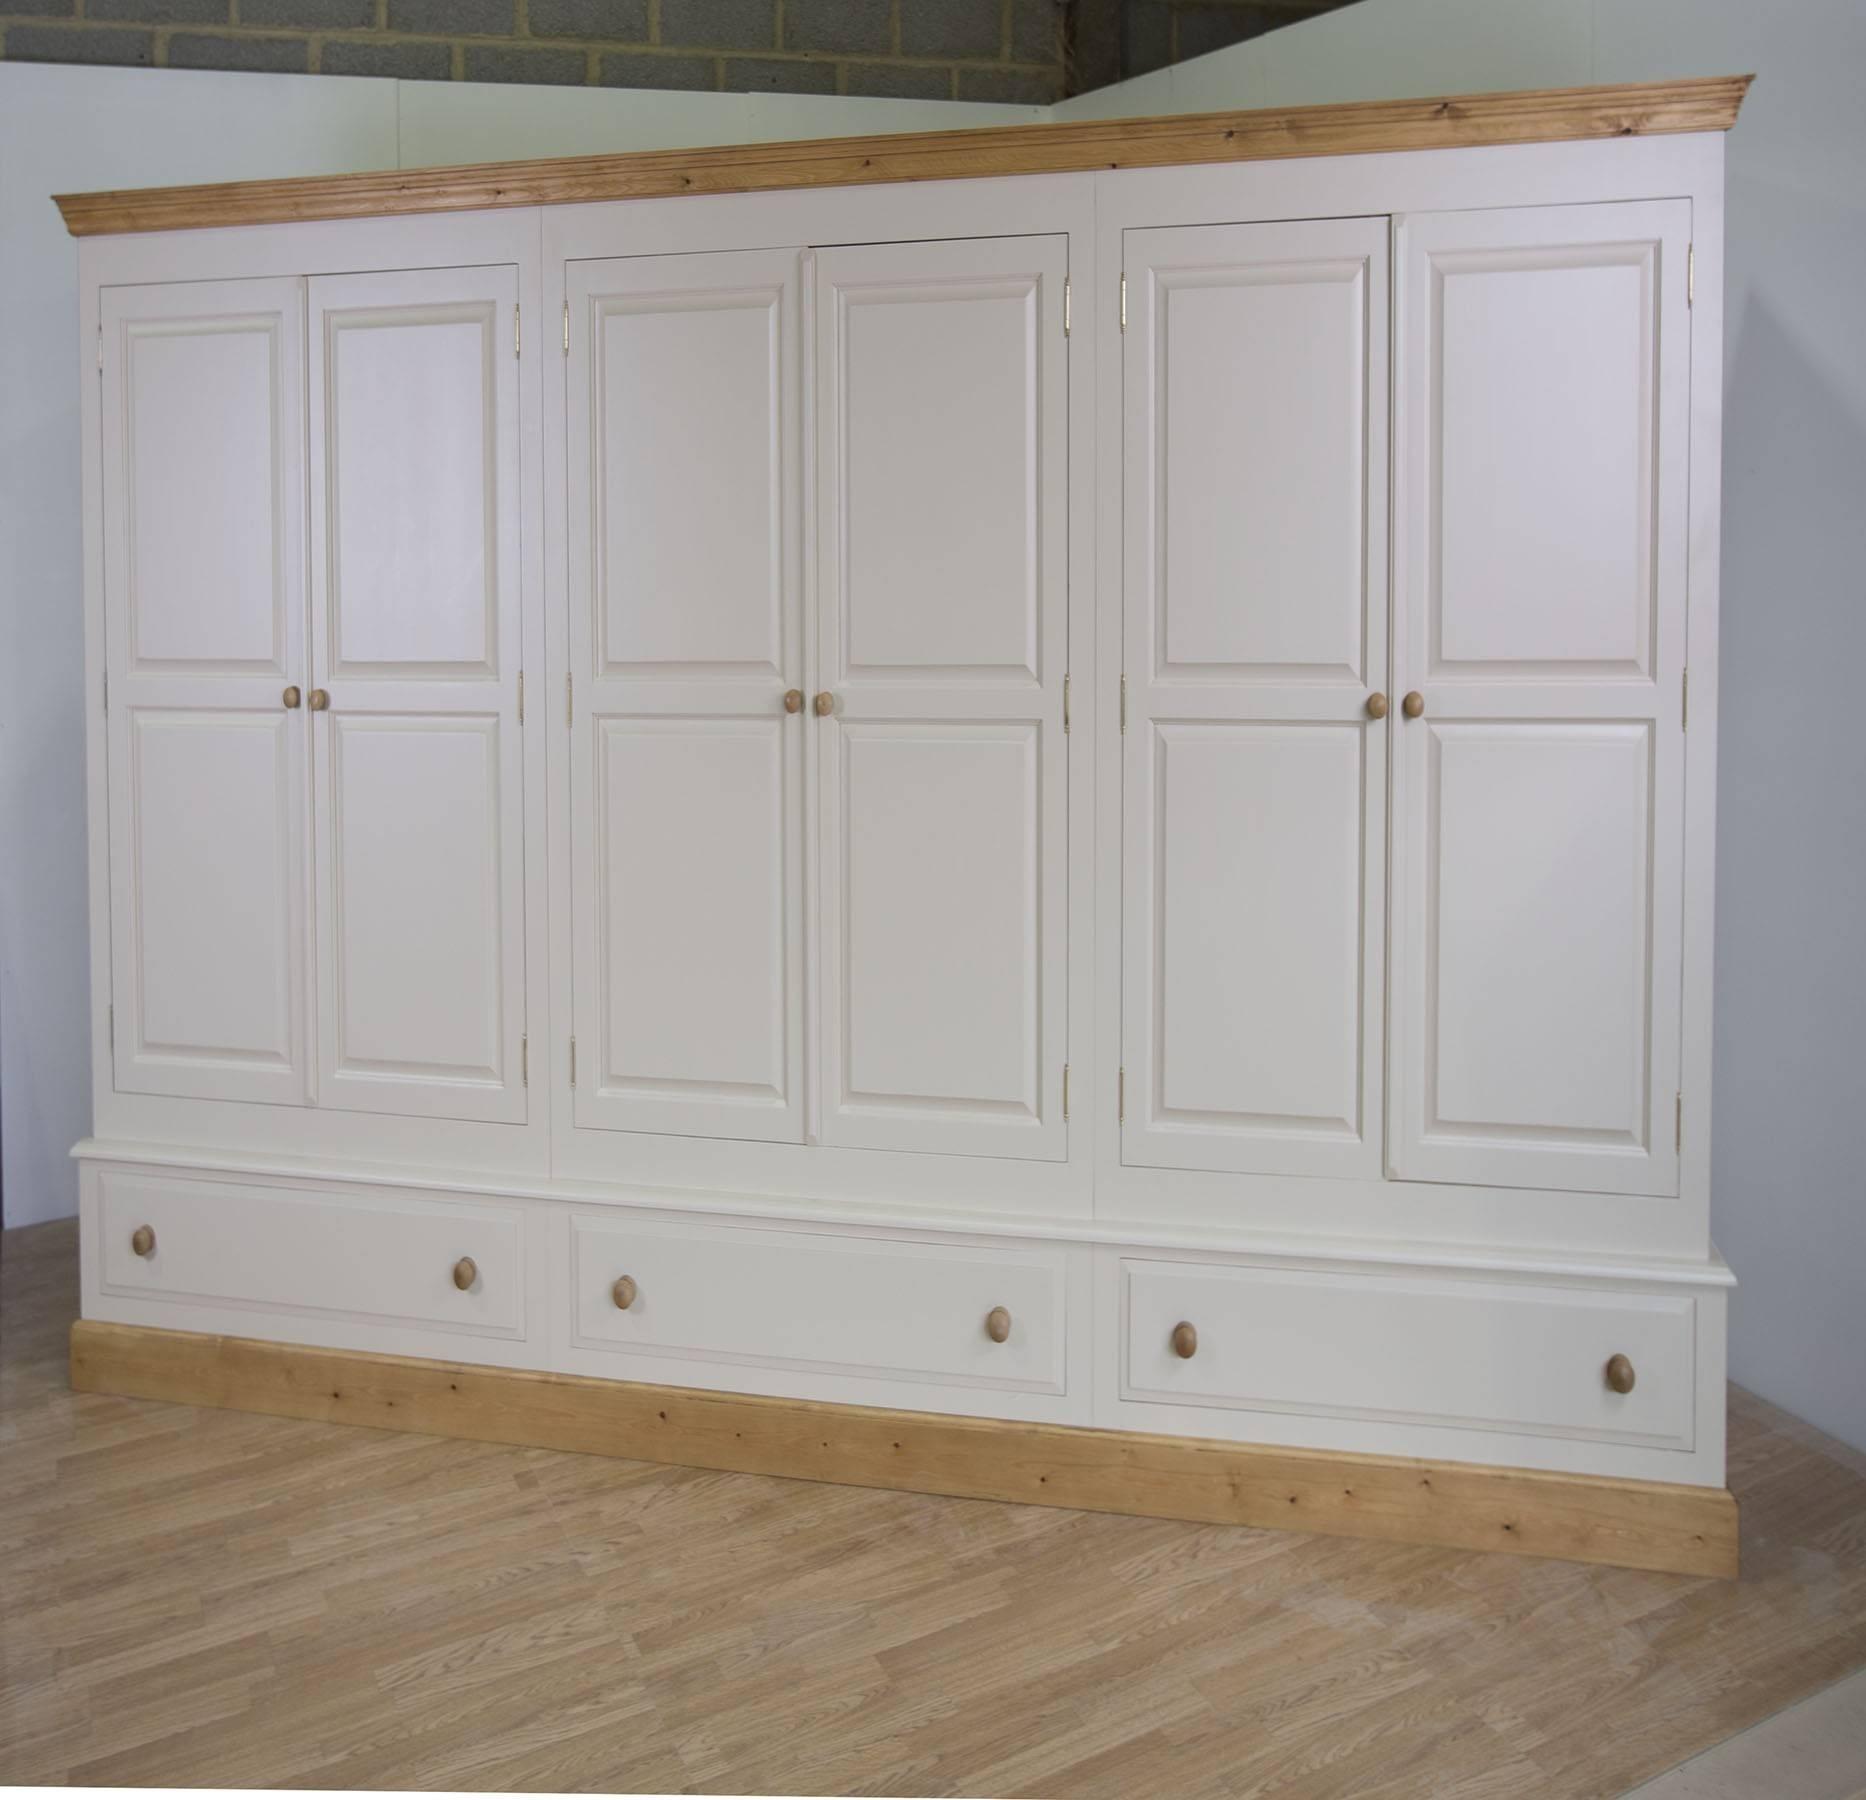 Showing Photos of 6 Door Wardrobes Bedroom Furniture (View 5 ...